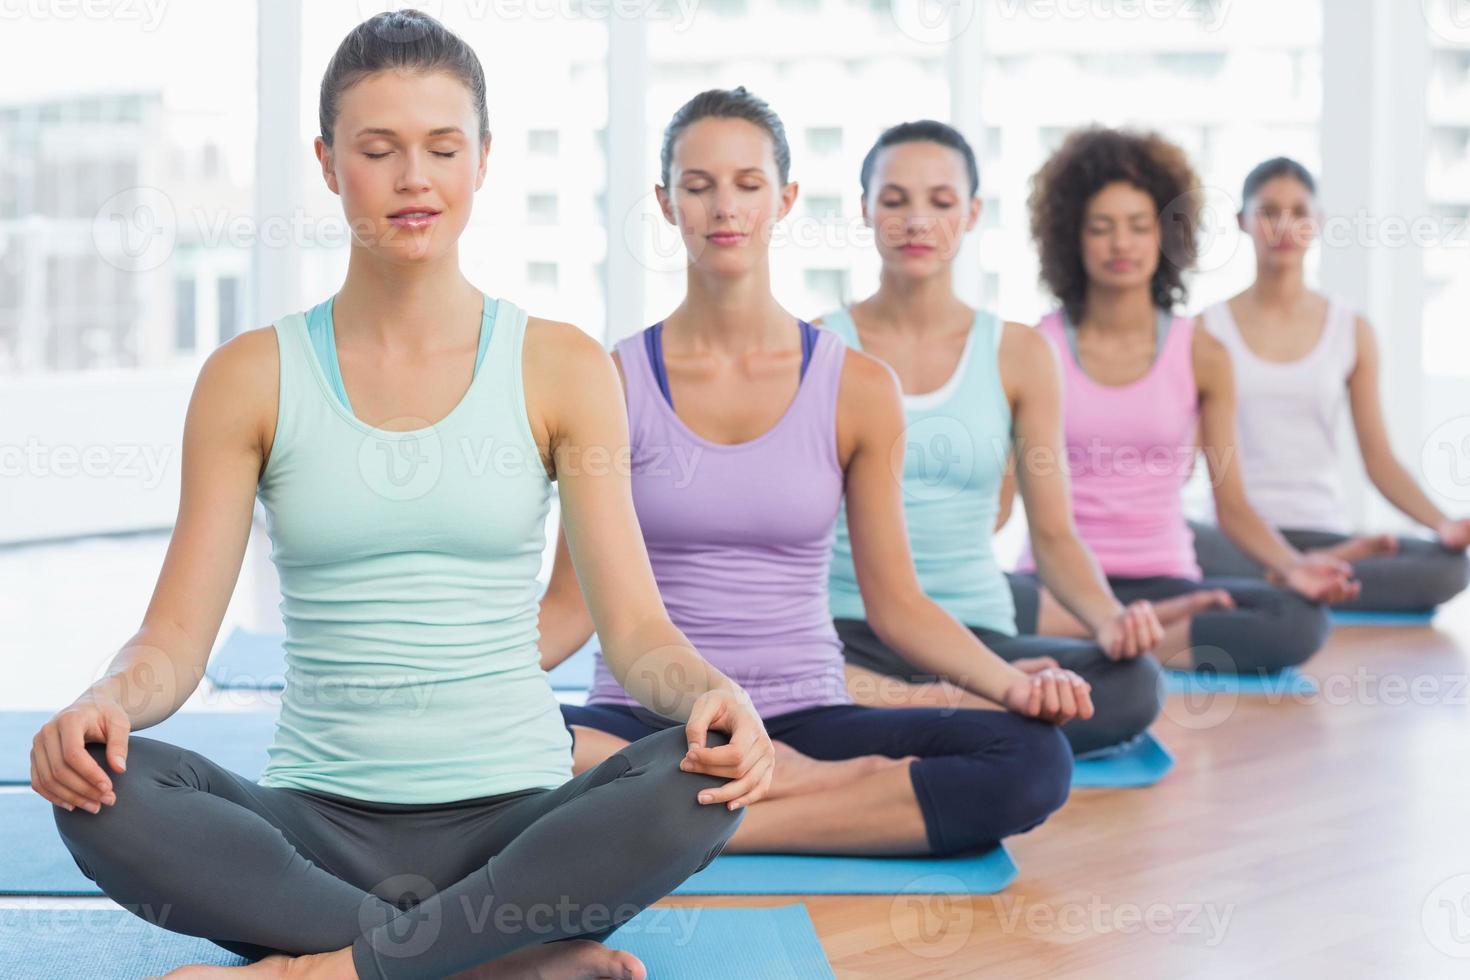 mulheres desportivas em pose de meditação com os olhos fechados foto